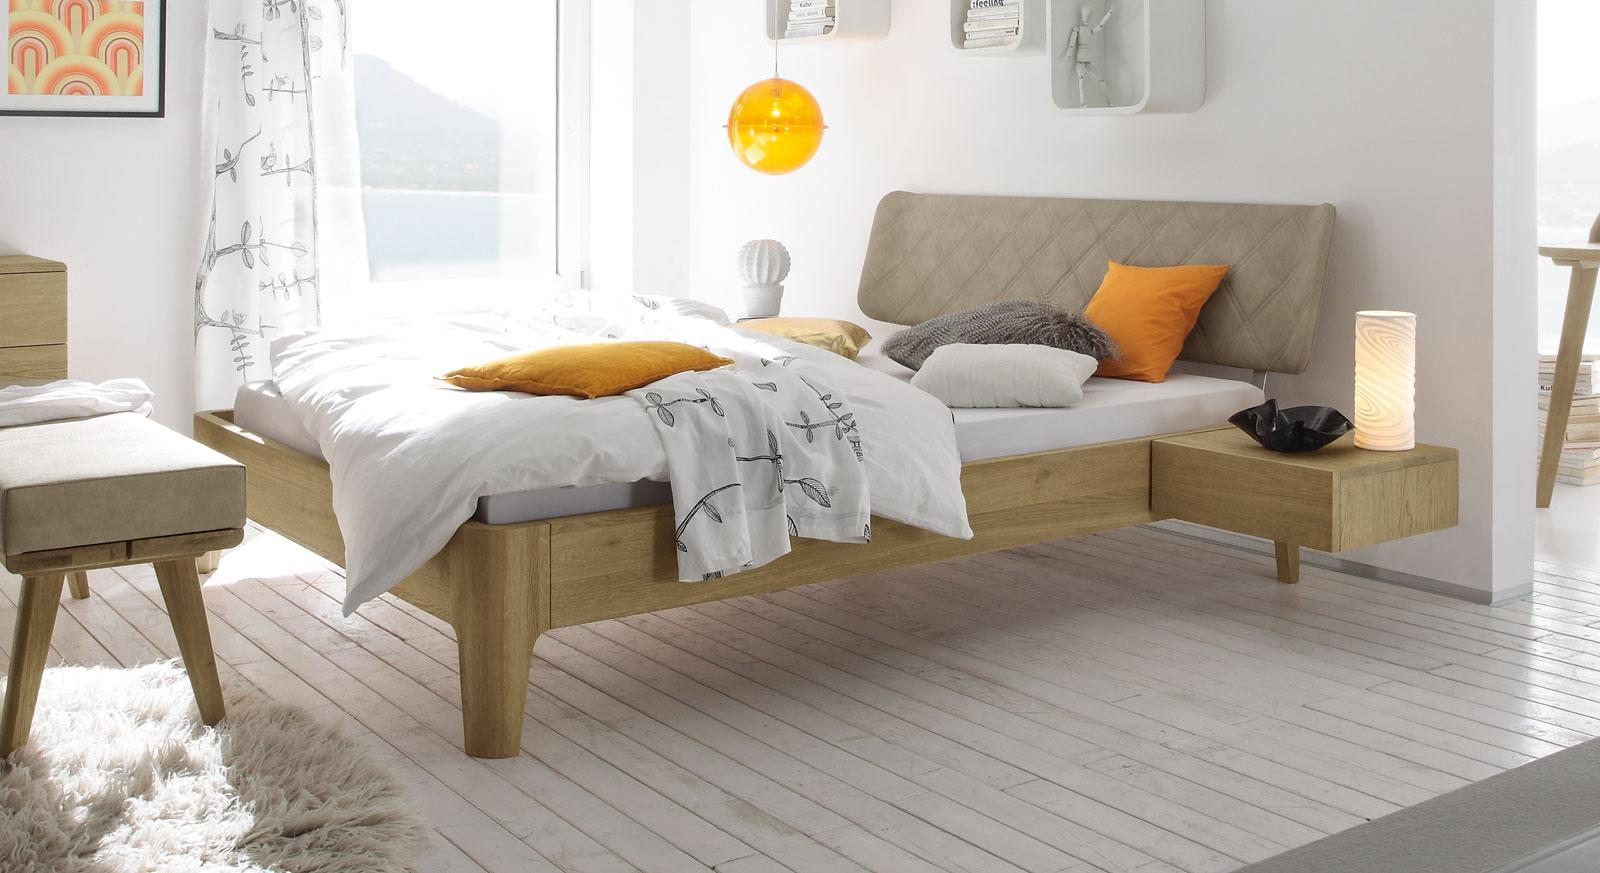 Modernes Bett Design Trends 2012 – vitaplaza.info